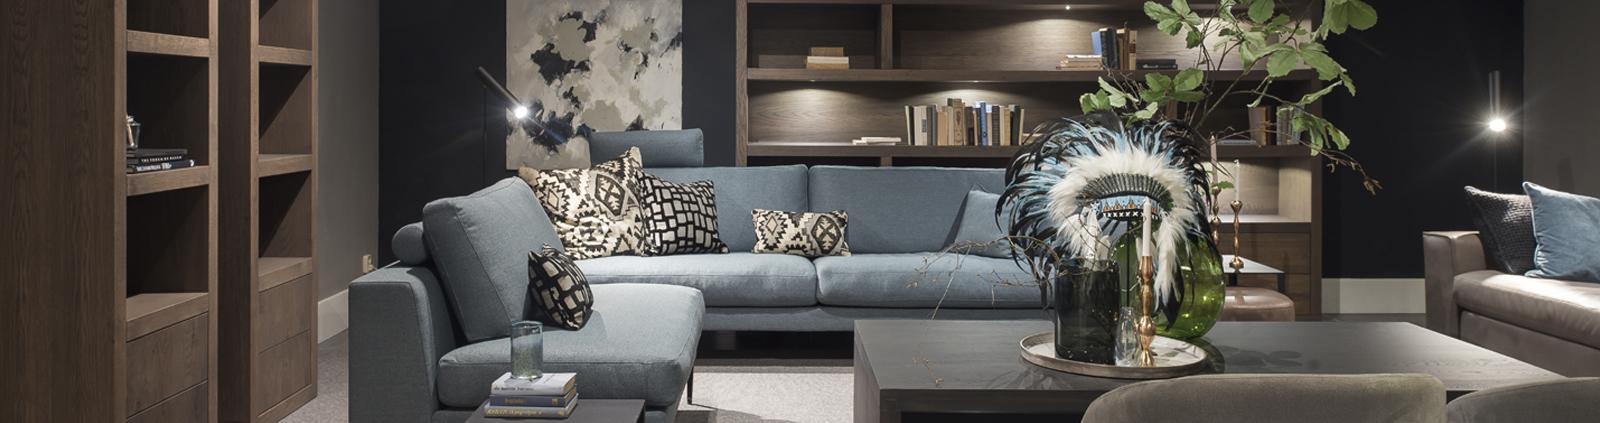 Landelijke meubels Banner Image